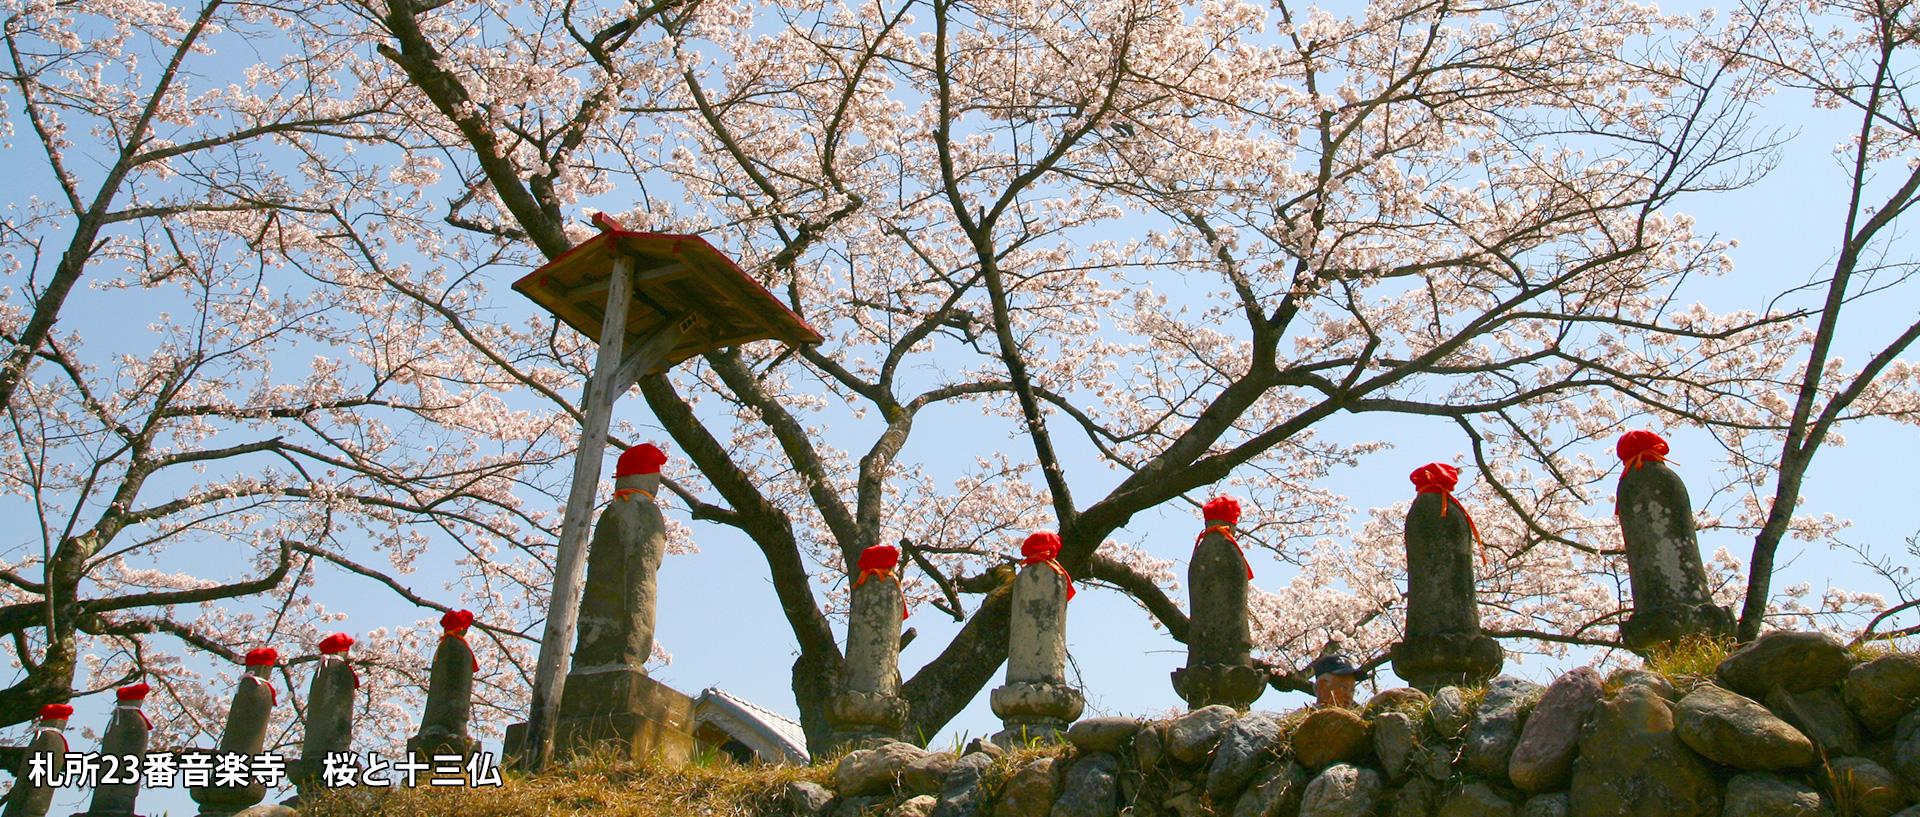 札所23番音楽寺 桜と十三仏